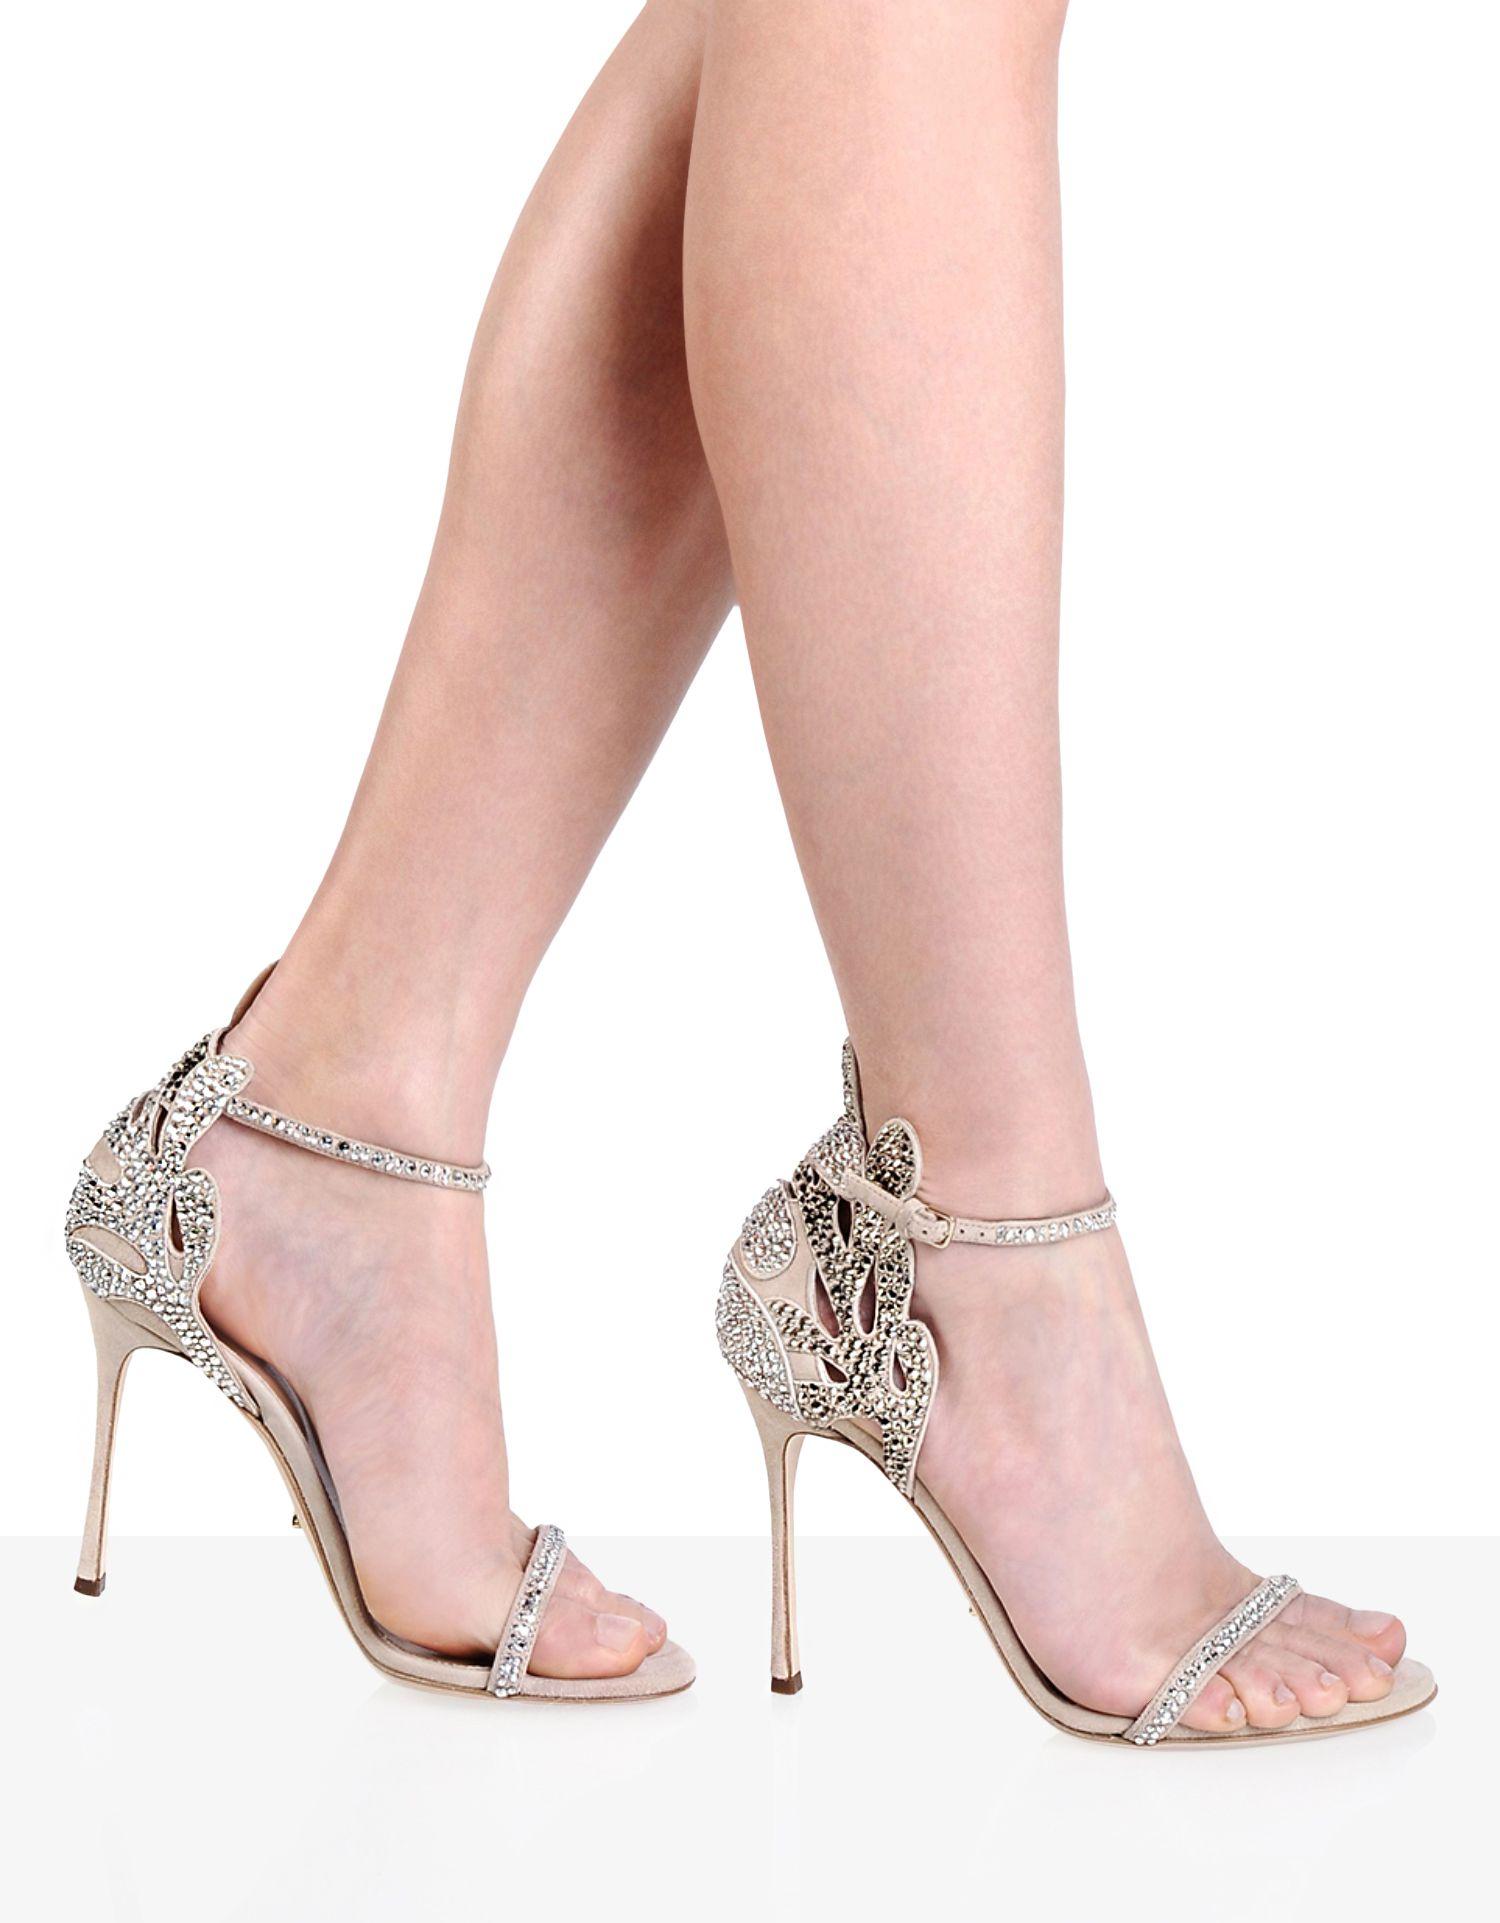 l'atteggiamento migliore 489d5 43641 sandali gioiello sergio rossi - Shoeplay Fashion blog di ...